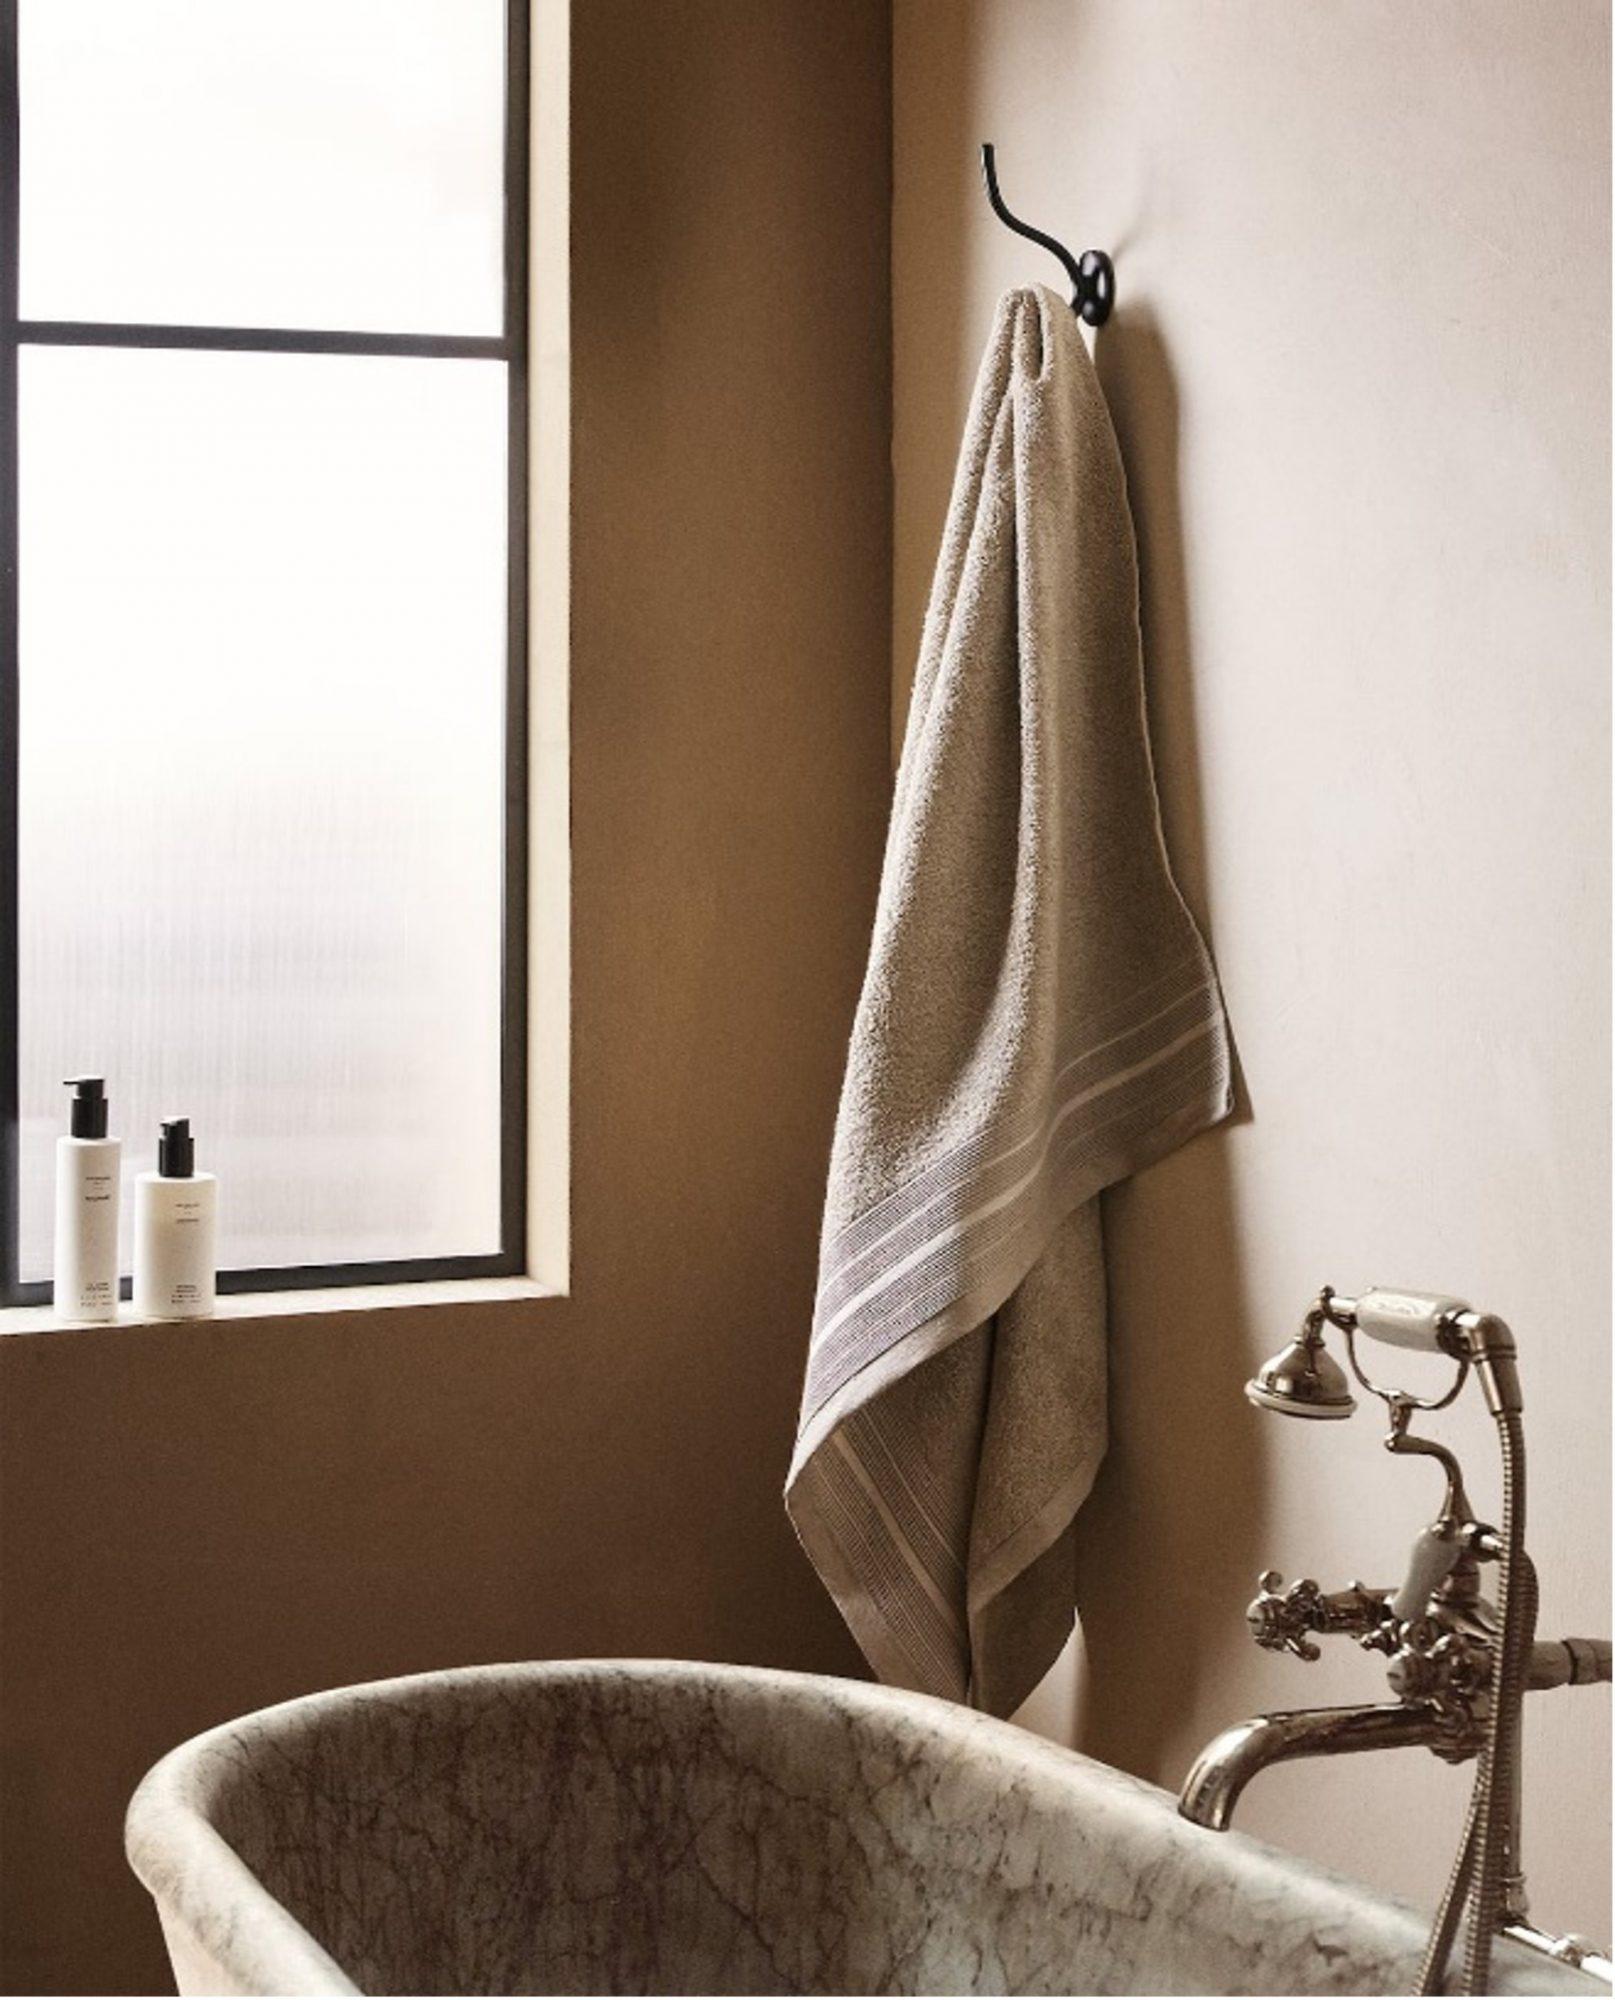 keskkonnasõbraliku vannitoa rätikud